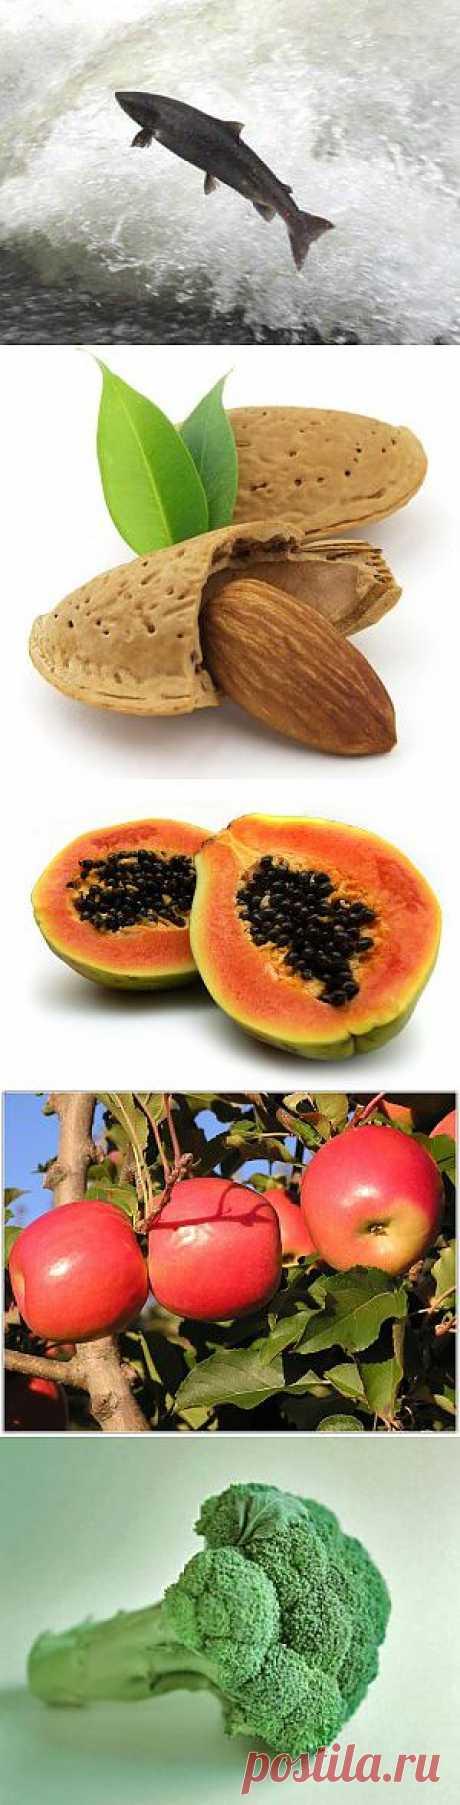 8 лучших продуктов для здоровья суставов